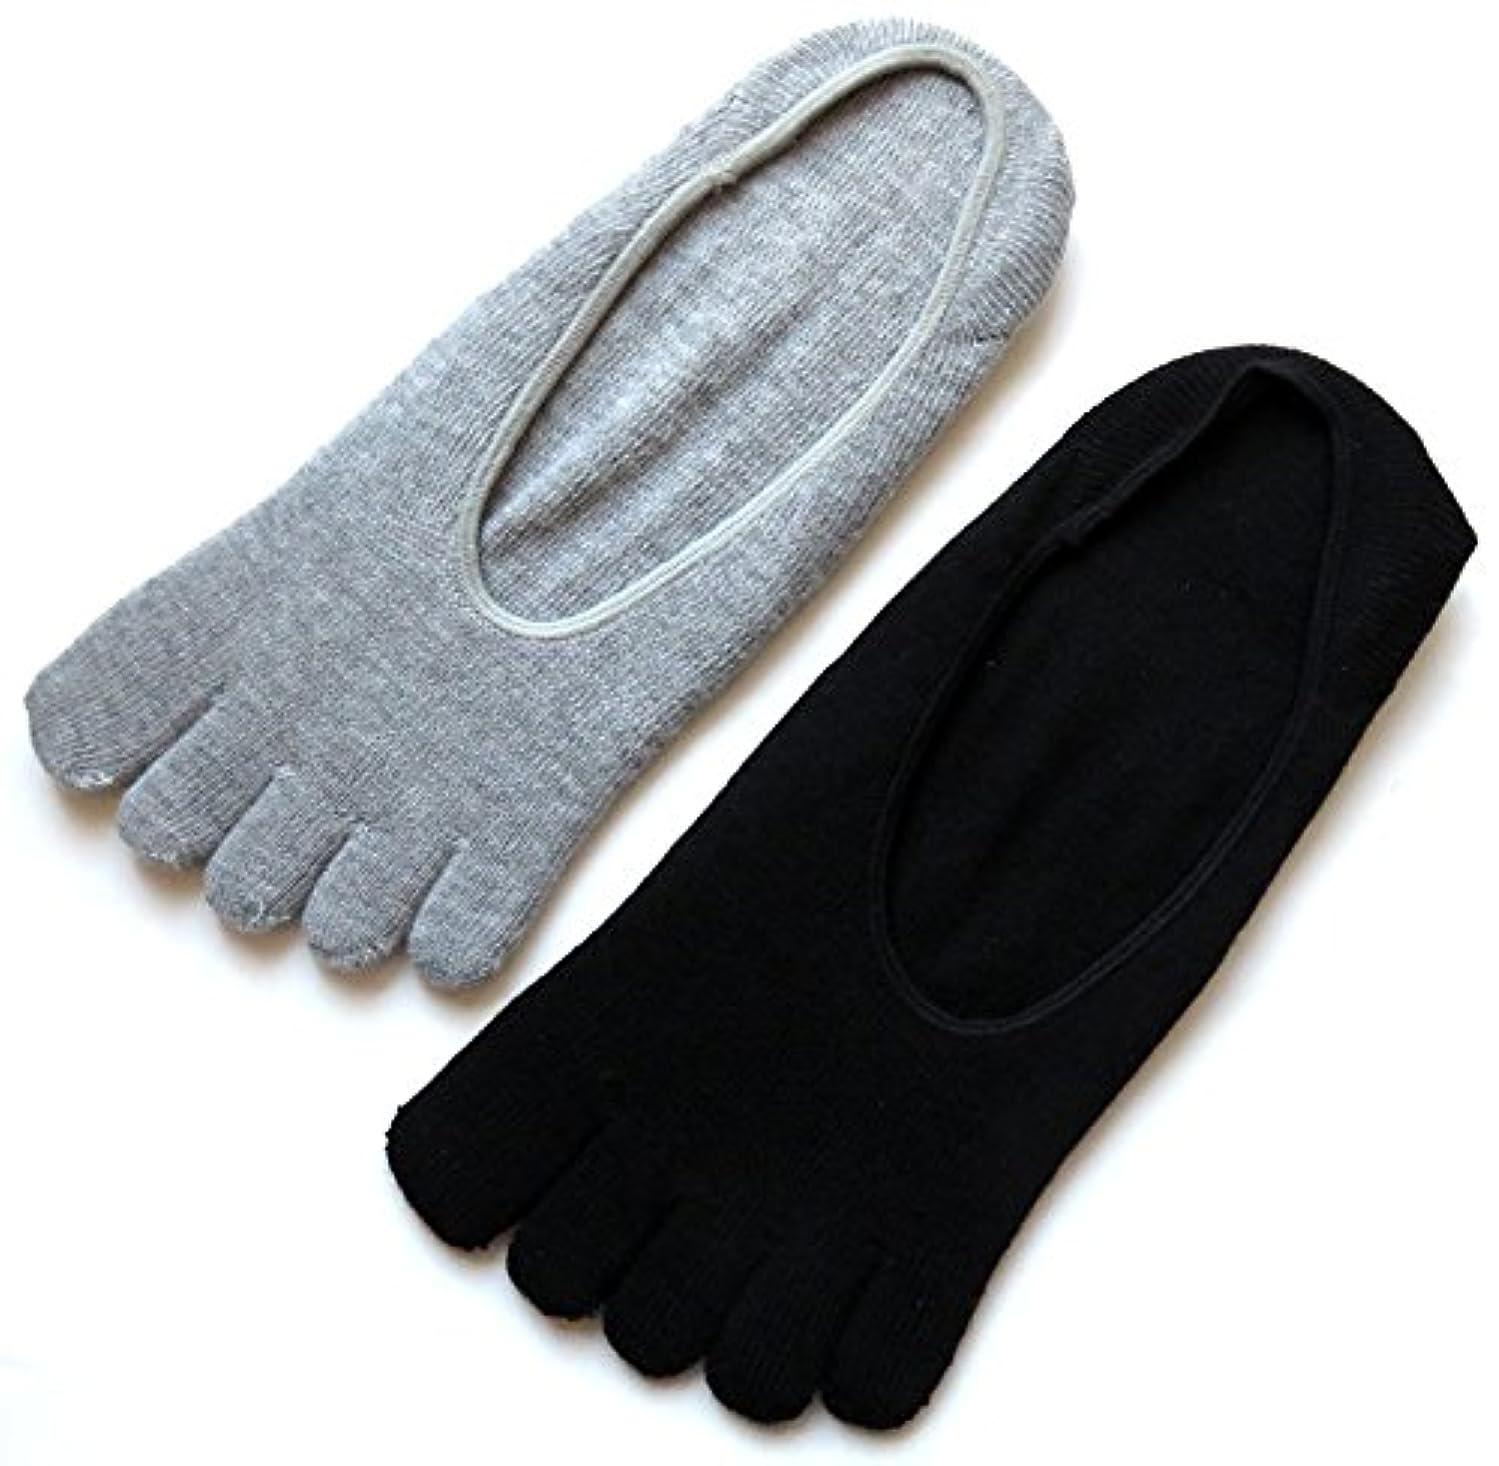 しかしながら降雨紳士5本指ソックス メンズ カバーソックス 銀イオンで防臭抗菌 25~27cm お買得4足セット